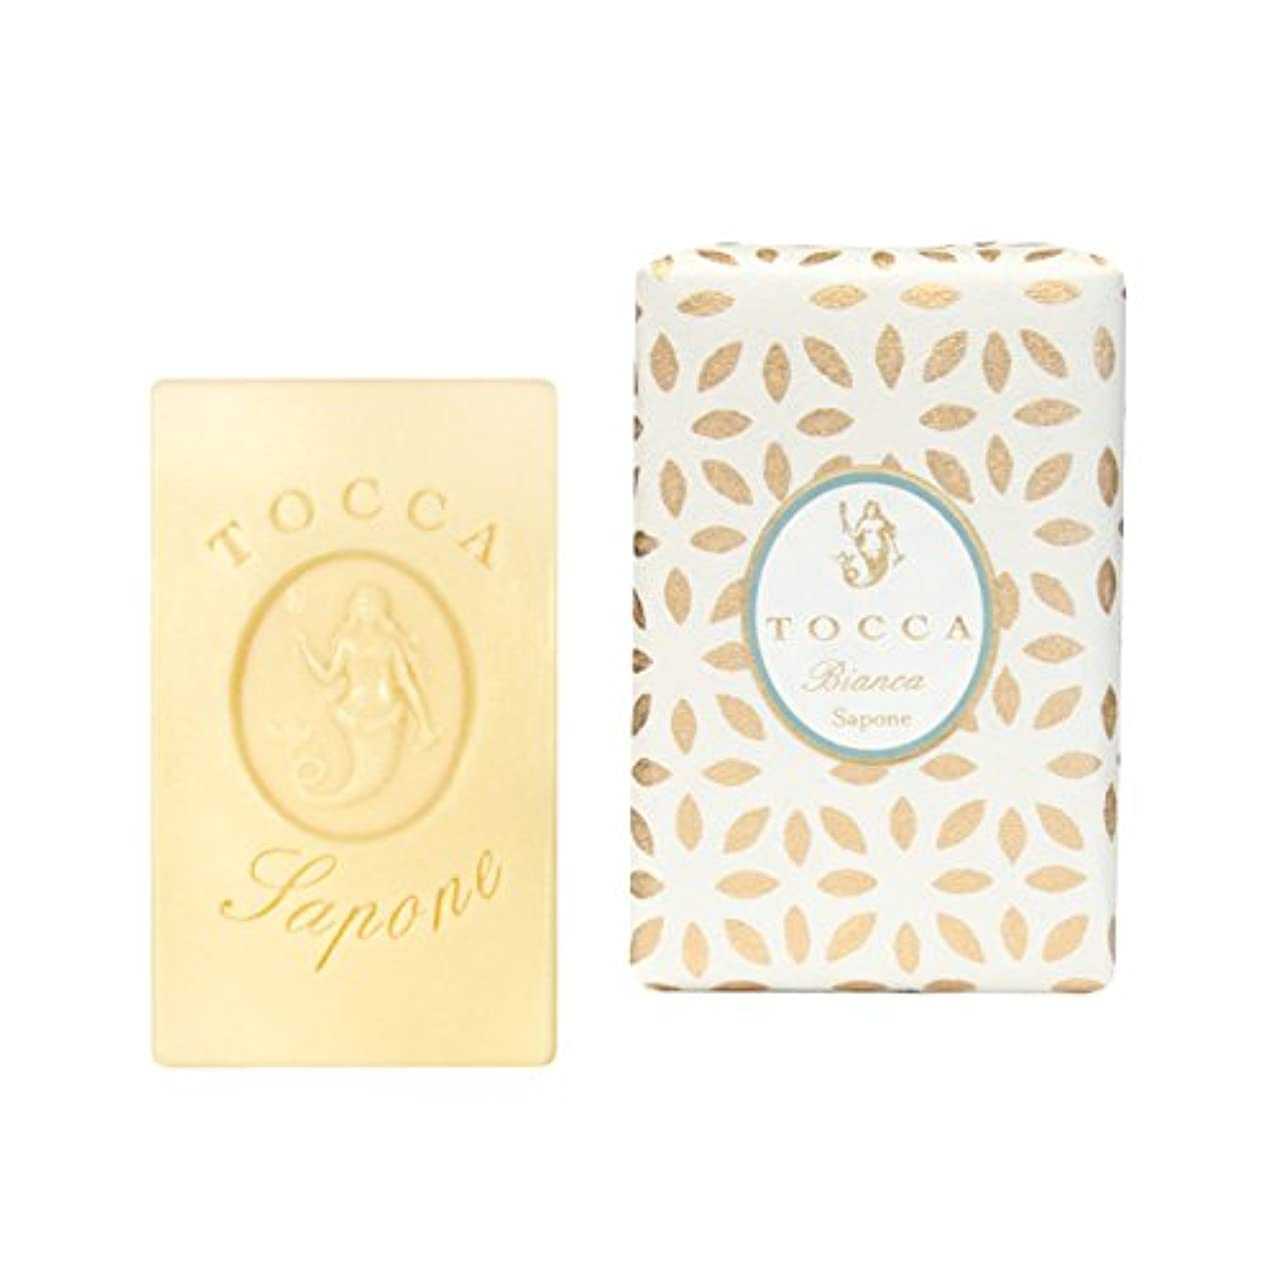 不正確脇に含意トッカ(TOCCA) ソープバー ビアンカの香り 113g(化粧石けん シトラスとグリーンティー、ローズが絶妙に溶け合ったほのかに甘さ漂うフレッシュな香り)